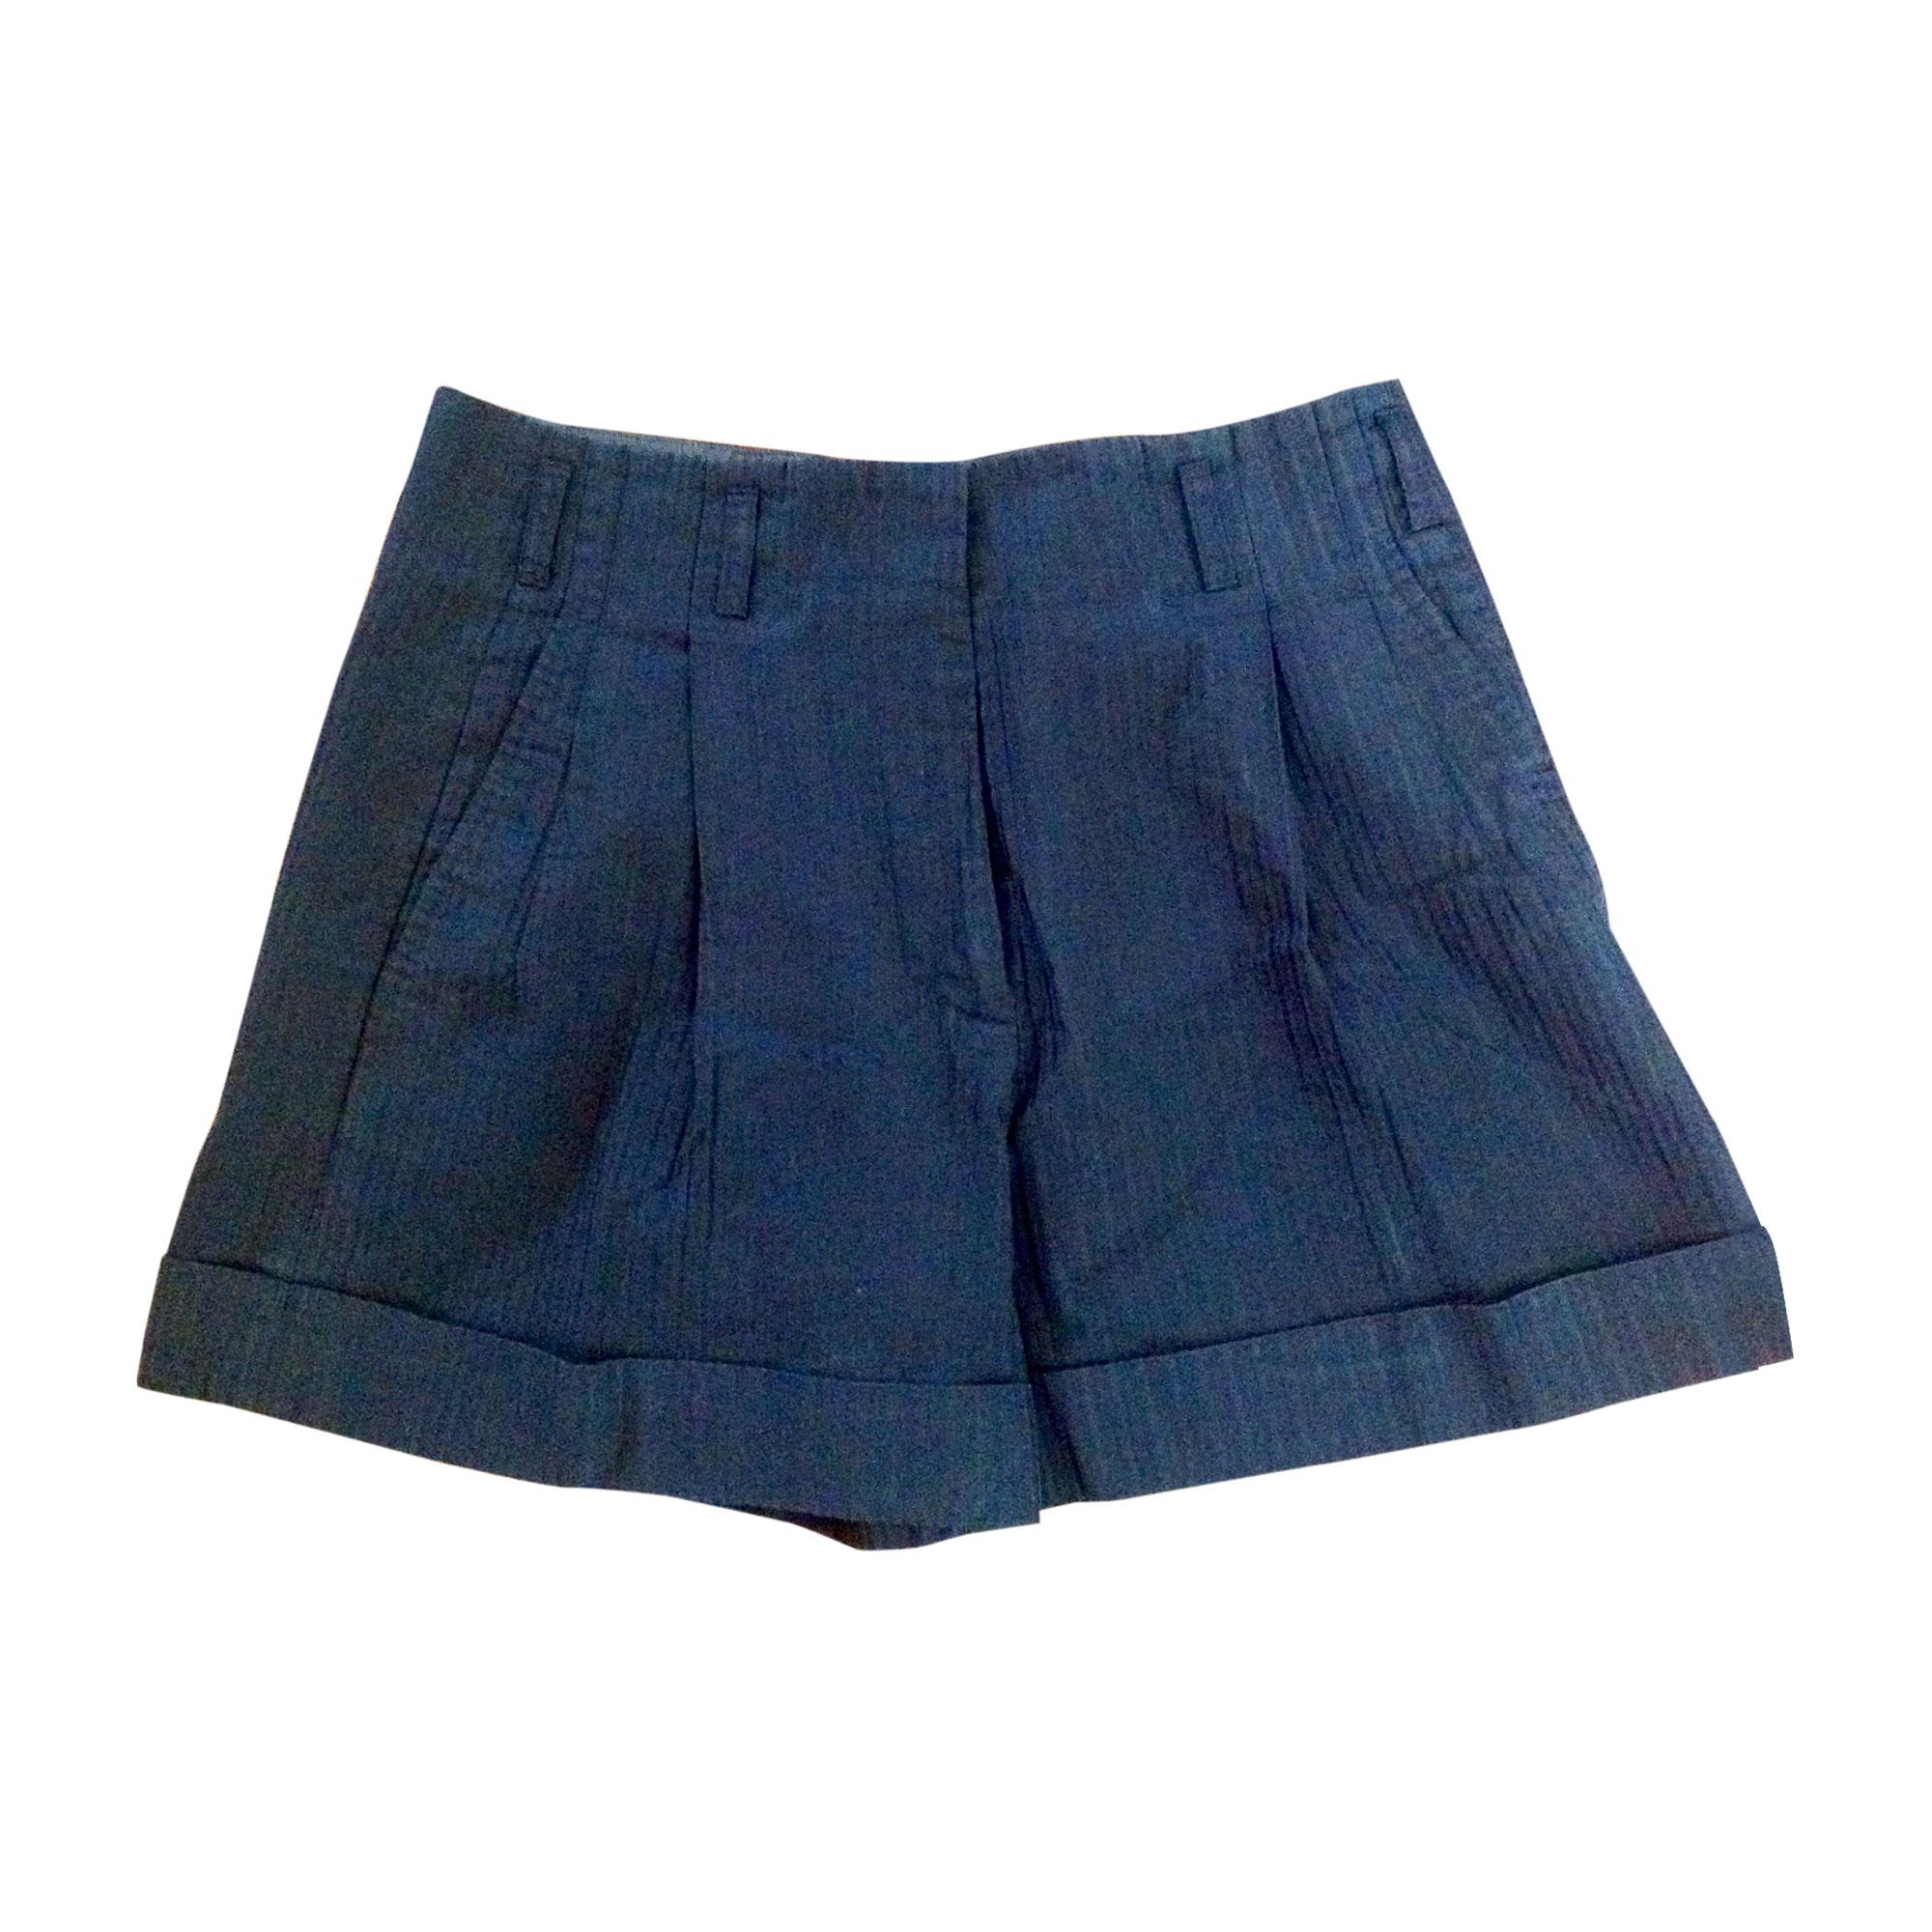 Short BARBARA BUI Bleu, bleu marine, bleu turquoise